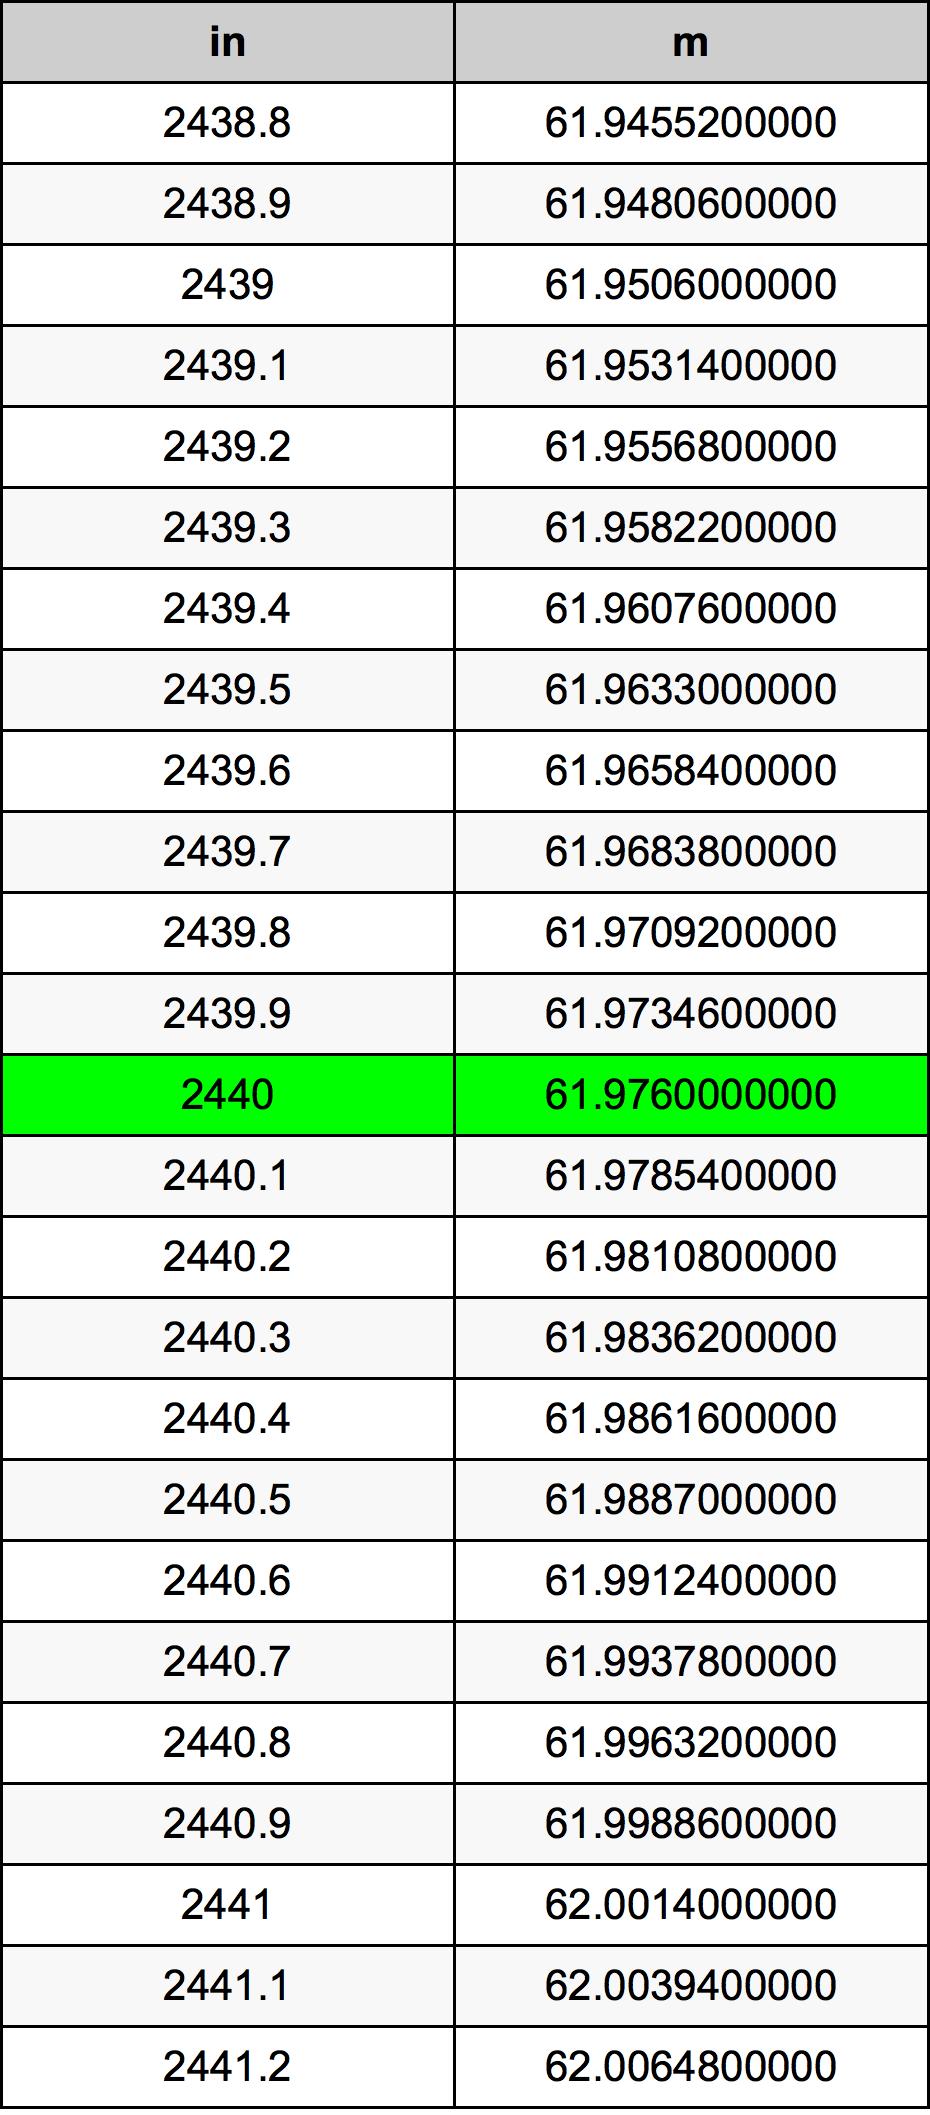 2440 Palac Tablica konverzije